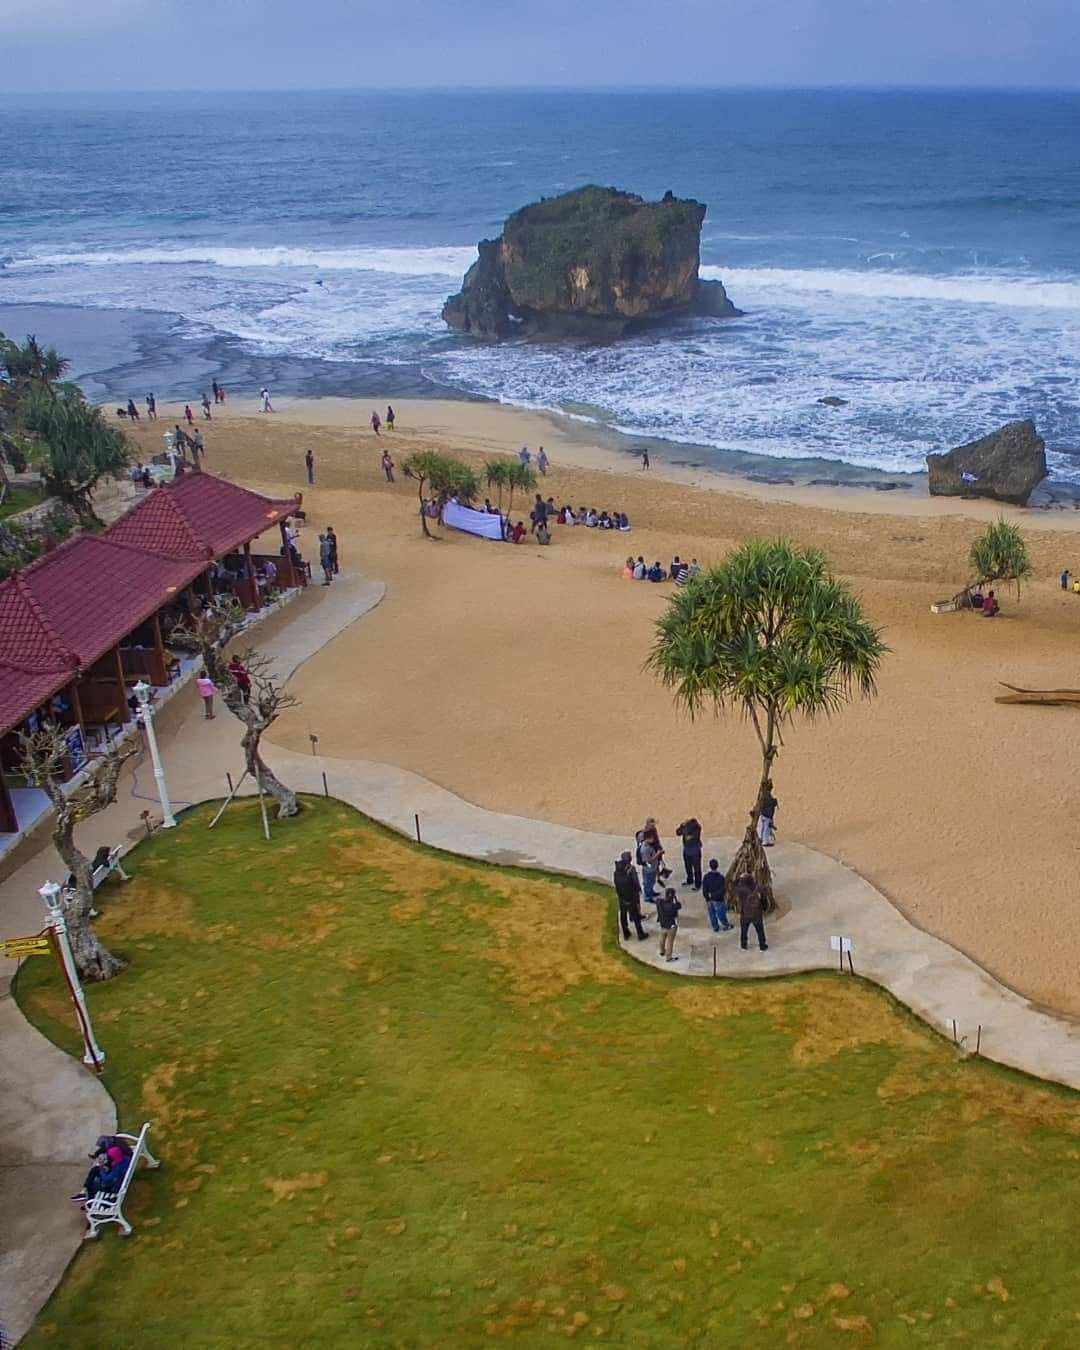 View Pantai Ngrawe Dari Atas Arah Taman Image From @arif_josselalu